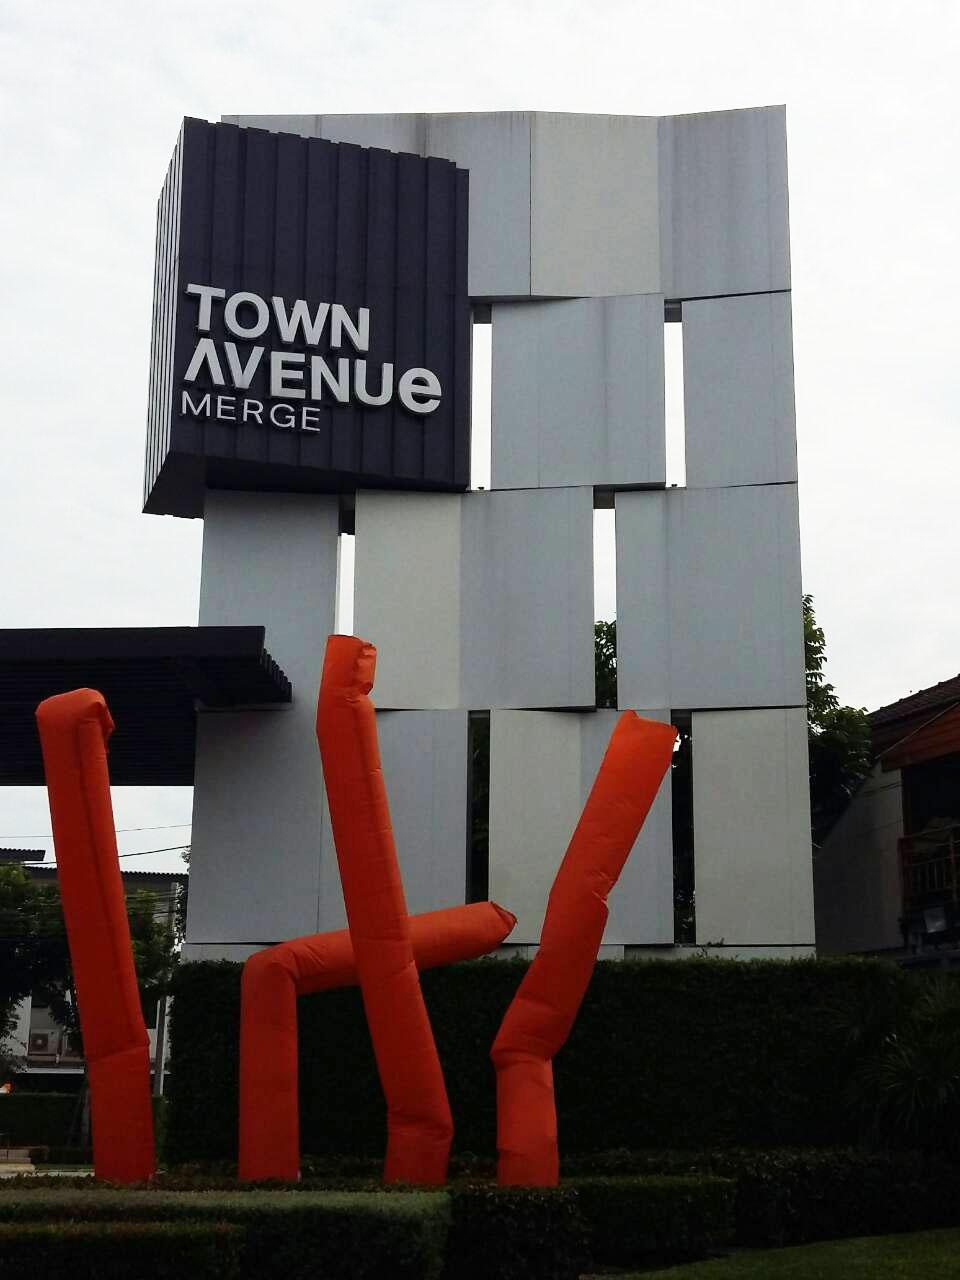 อลูมิเนียม คอมโพสิท เดิมหน้าโครงการ Town Avenue Merge รัตนาธิเบศร์